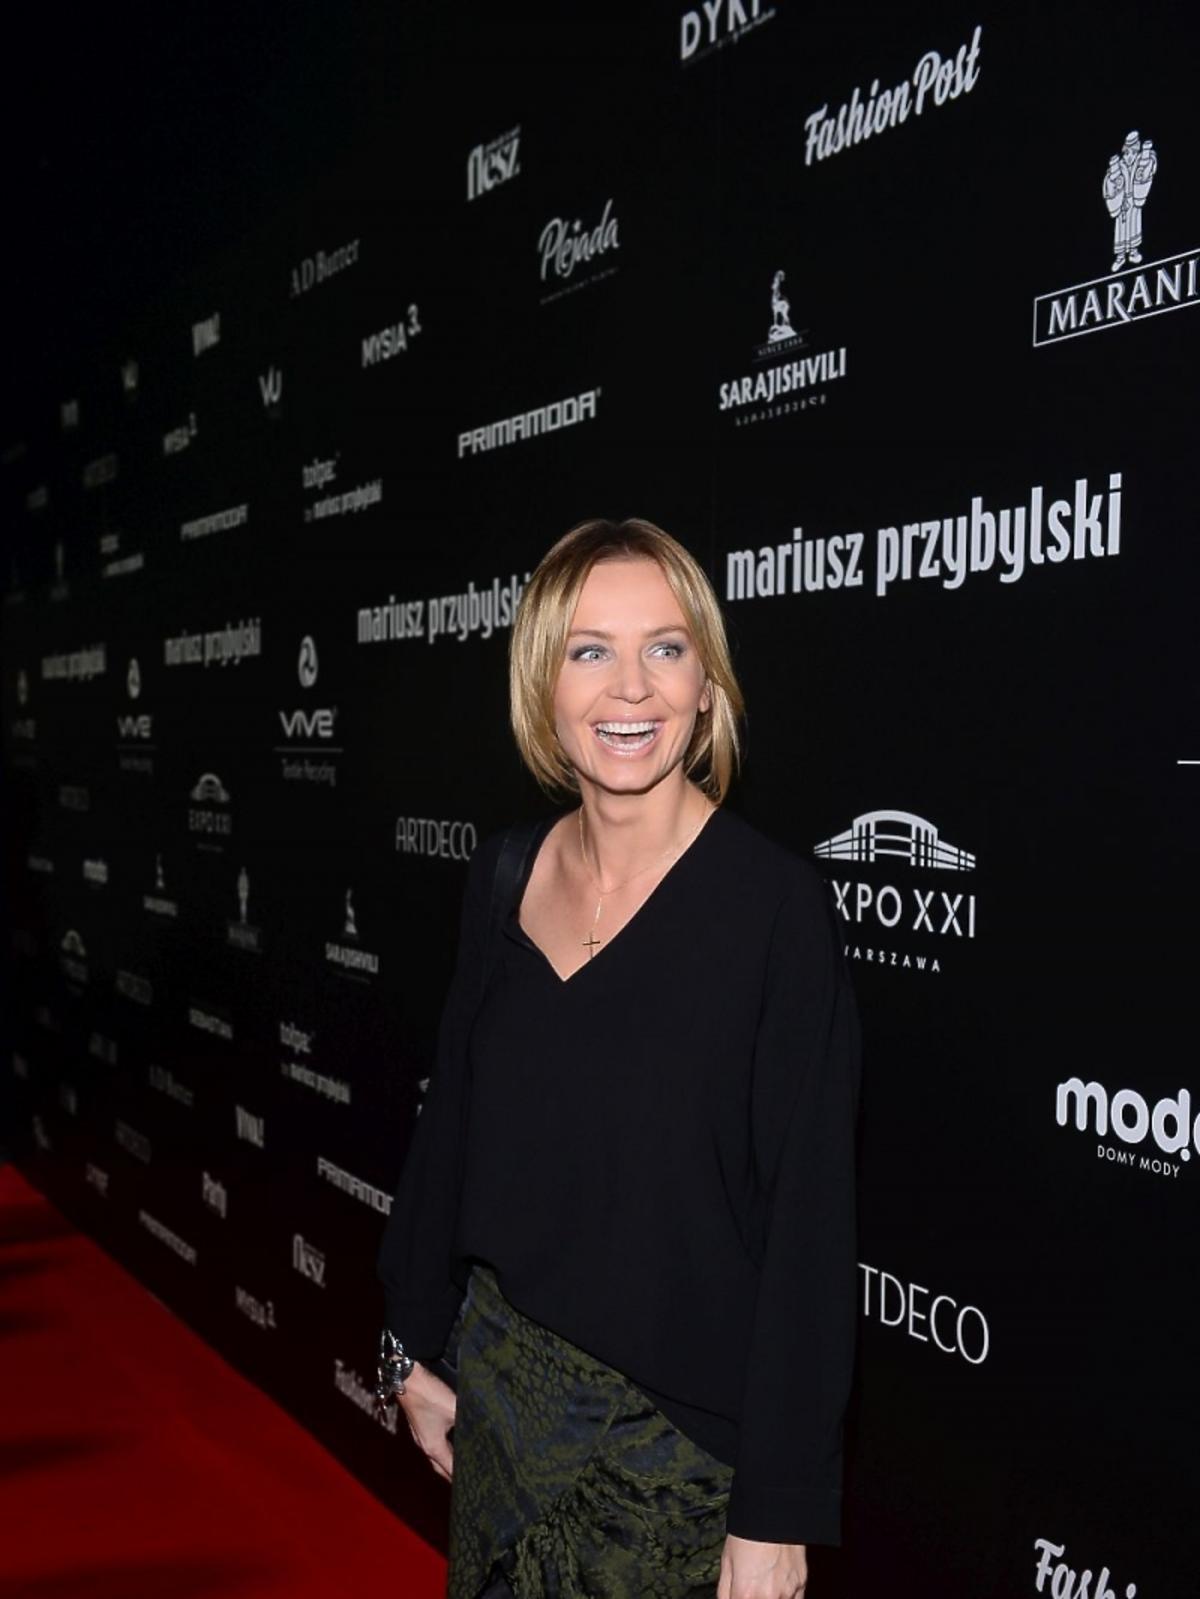 Agnieszka Szulim w czarnej bluzce i ciemnozielonej spódnicy